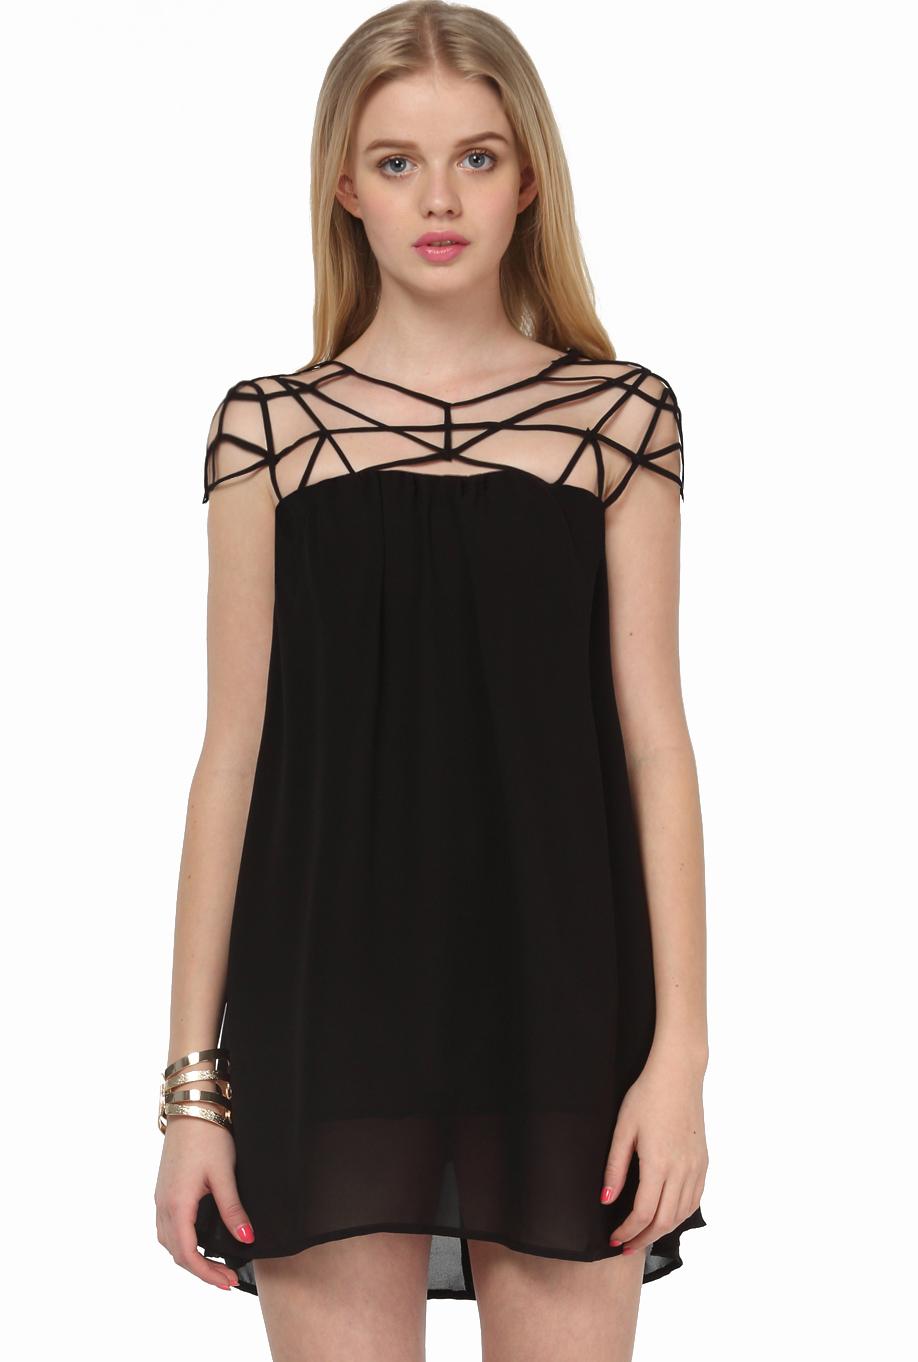 Chiffonkleid mit ausgeschnittenen Schultern, schwarz-Sheinside